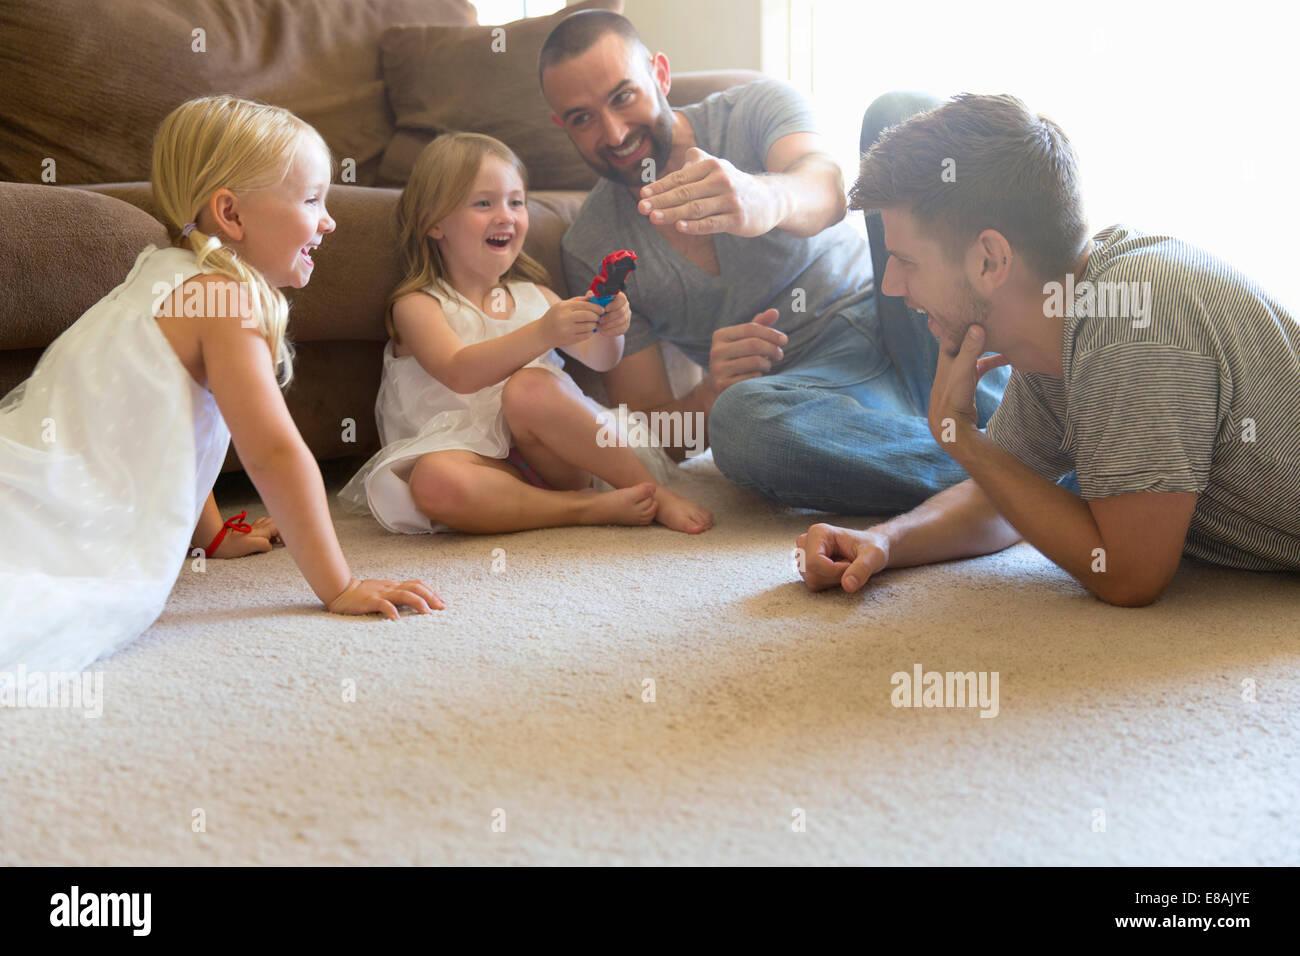 Giovane maschio e due figlie giocando sulla seduta il pavimento della camera Immagini Stock